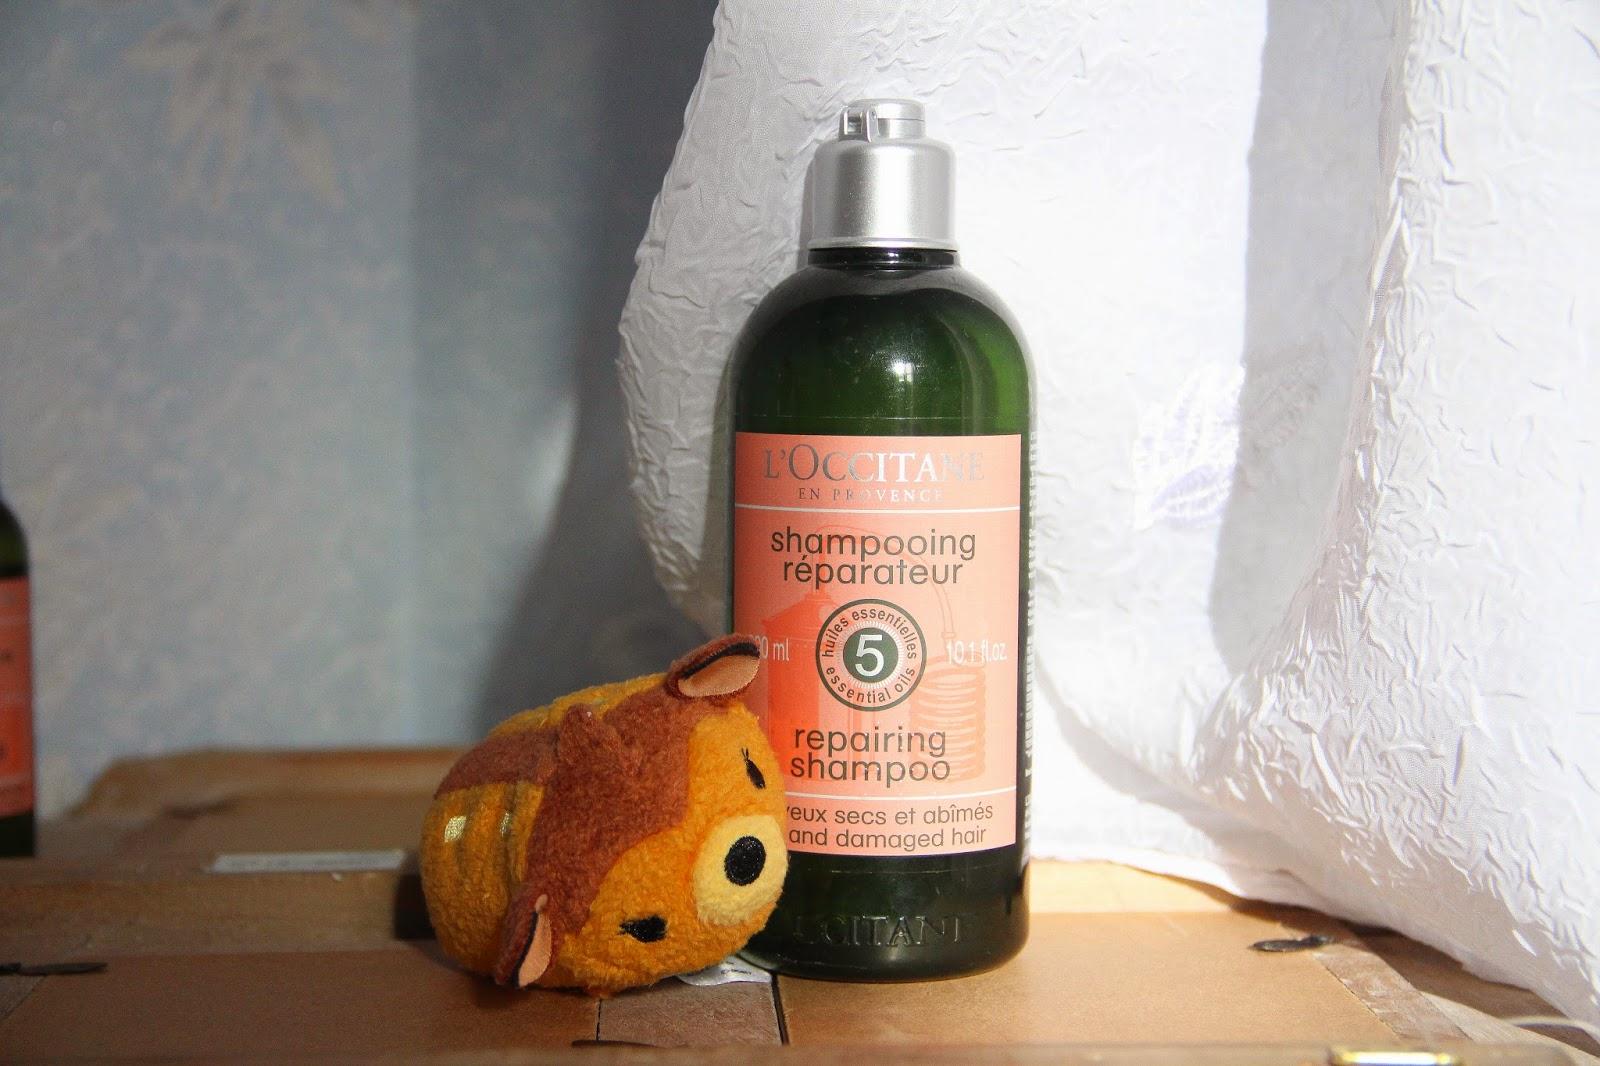 Shampoing réparateur aux cinq huiles essentielle